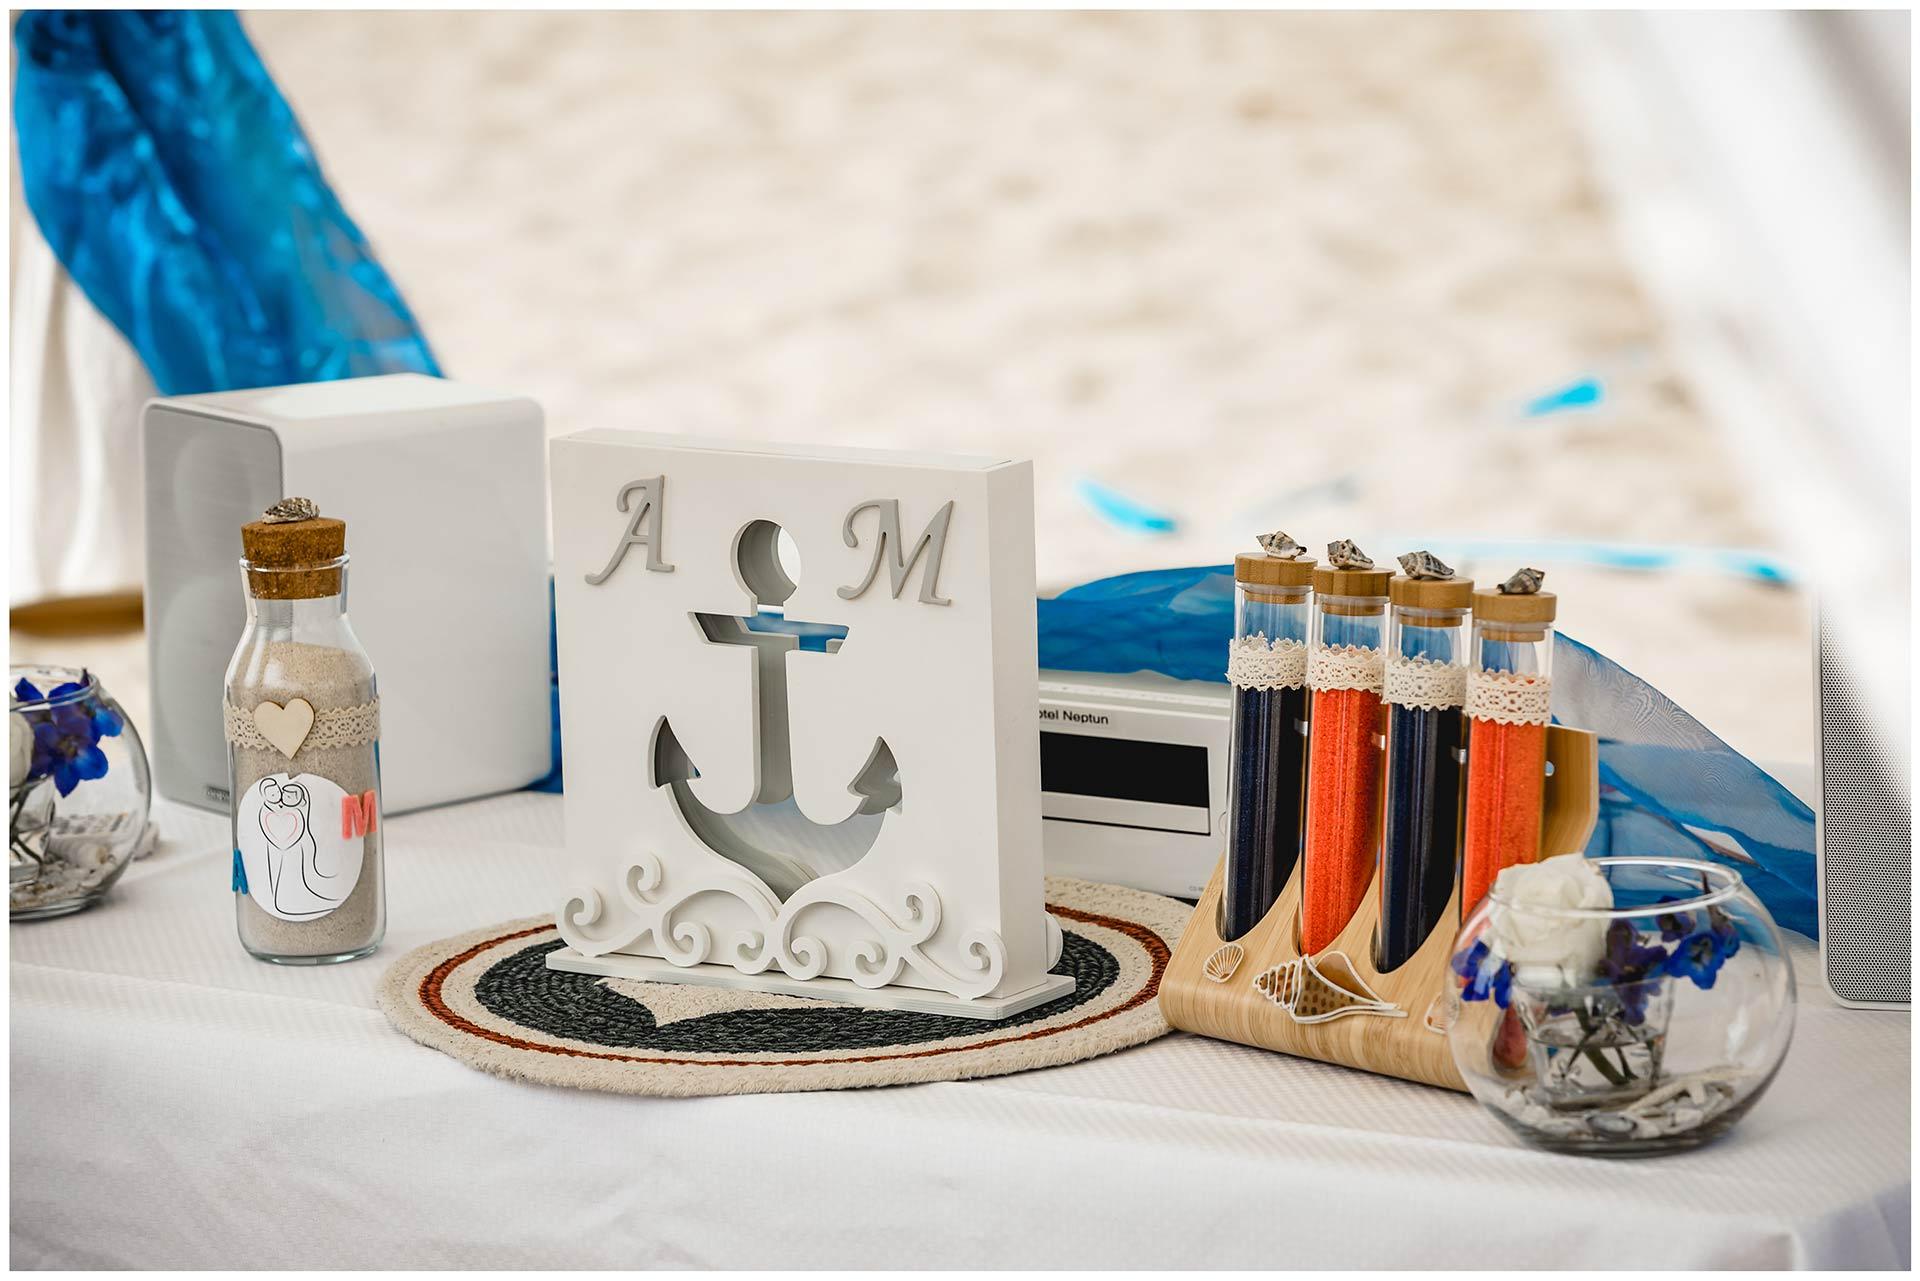 Gefaess-und-Sand-für-Sandzeremonie-Hochzeit-am-Strand-Hochzeitsfotograf-Warnemuende-Hochzeitsfotograf-Rostock-Hochzeitsfotograf-Ostseebad-Warnemuende